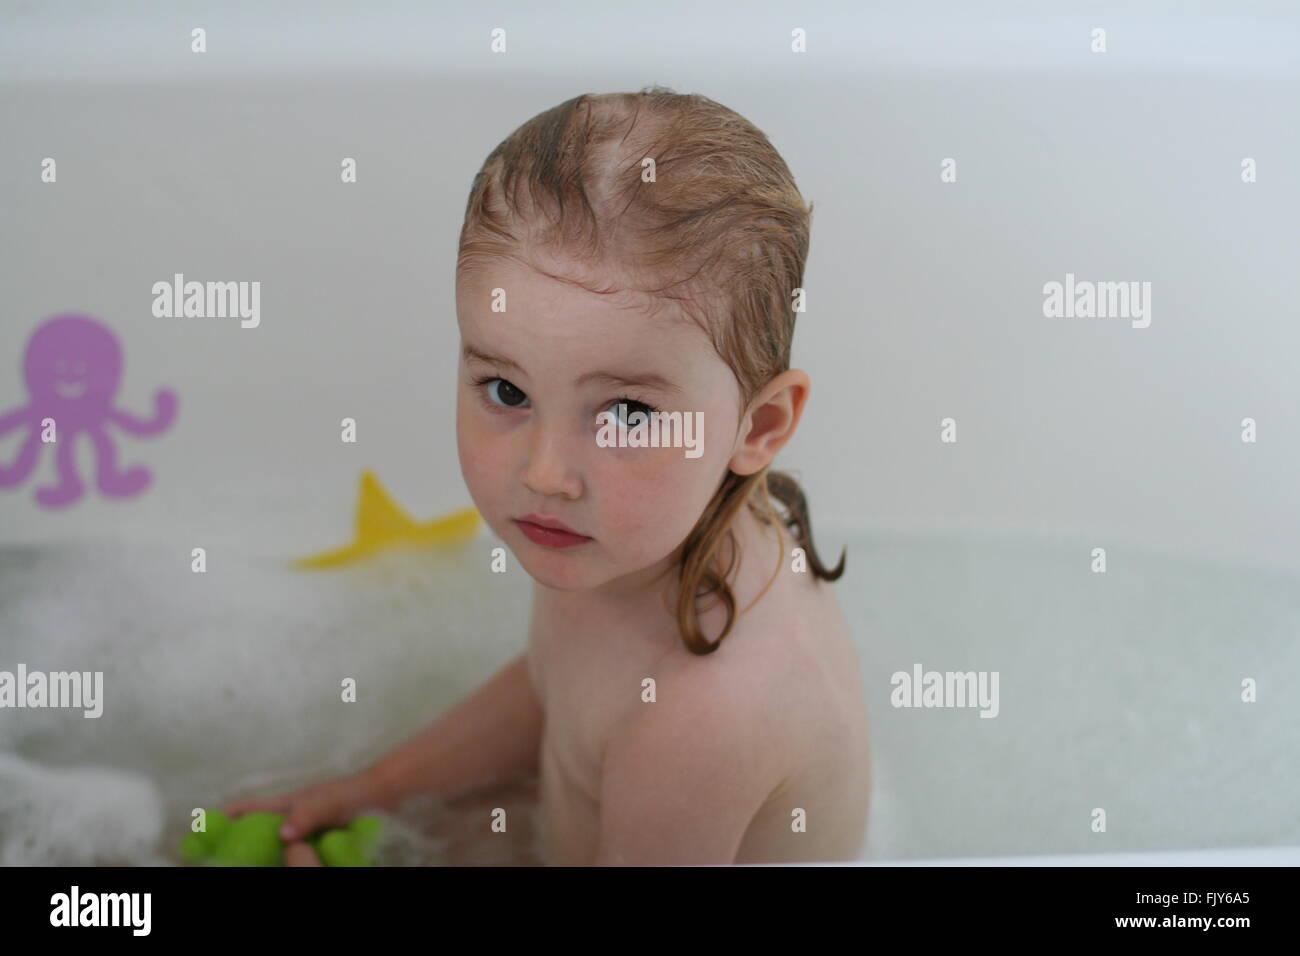 Bambina bambino seduto in un bagno di colore bianco con capelli